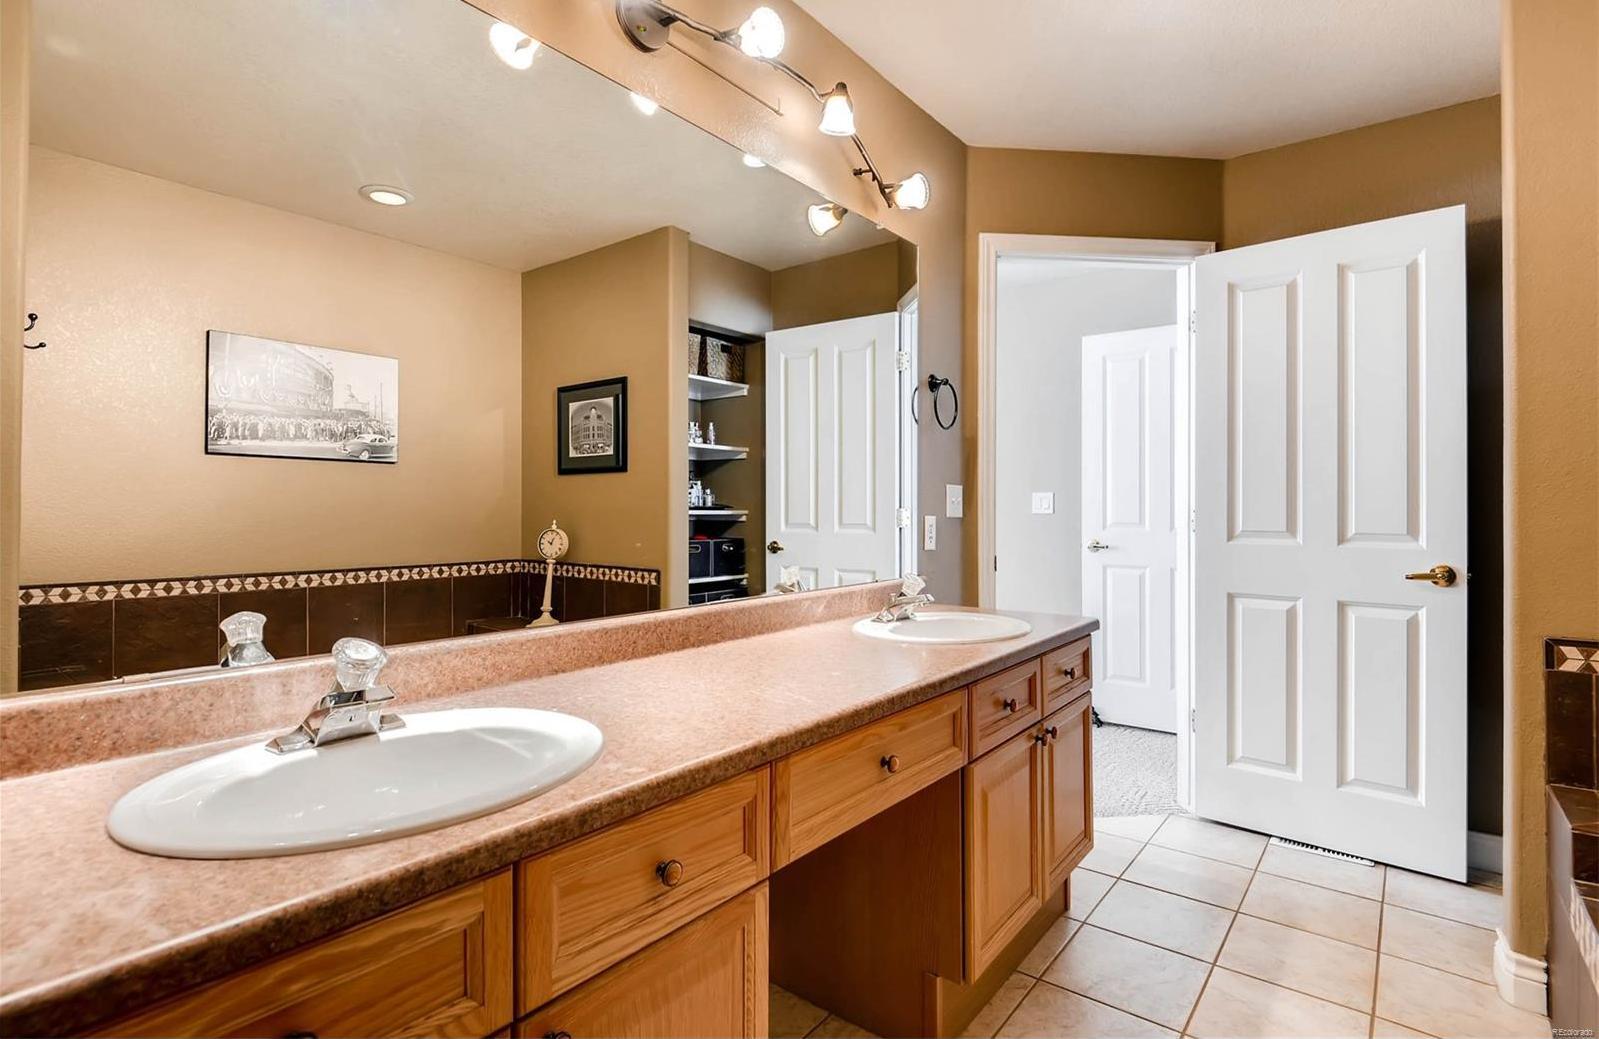 Master bath vanity space.